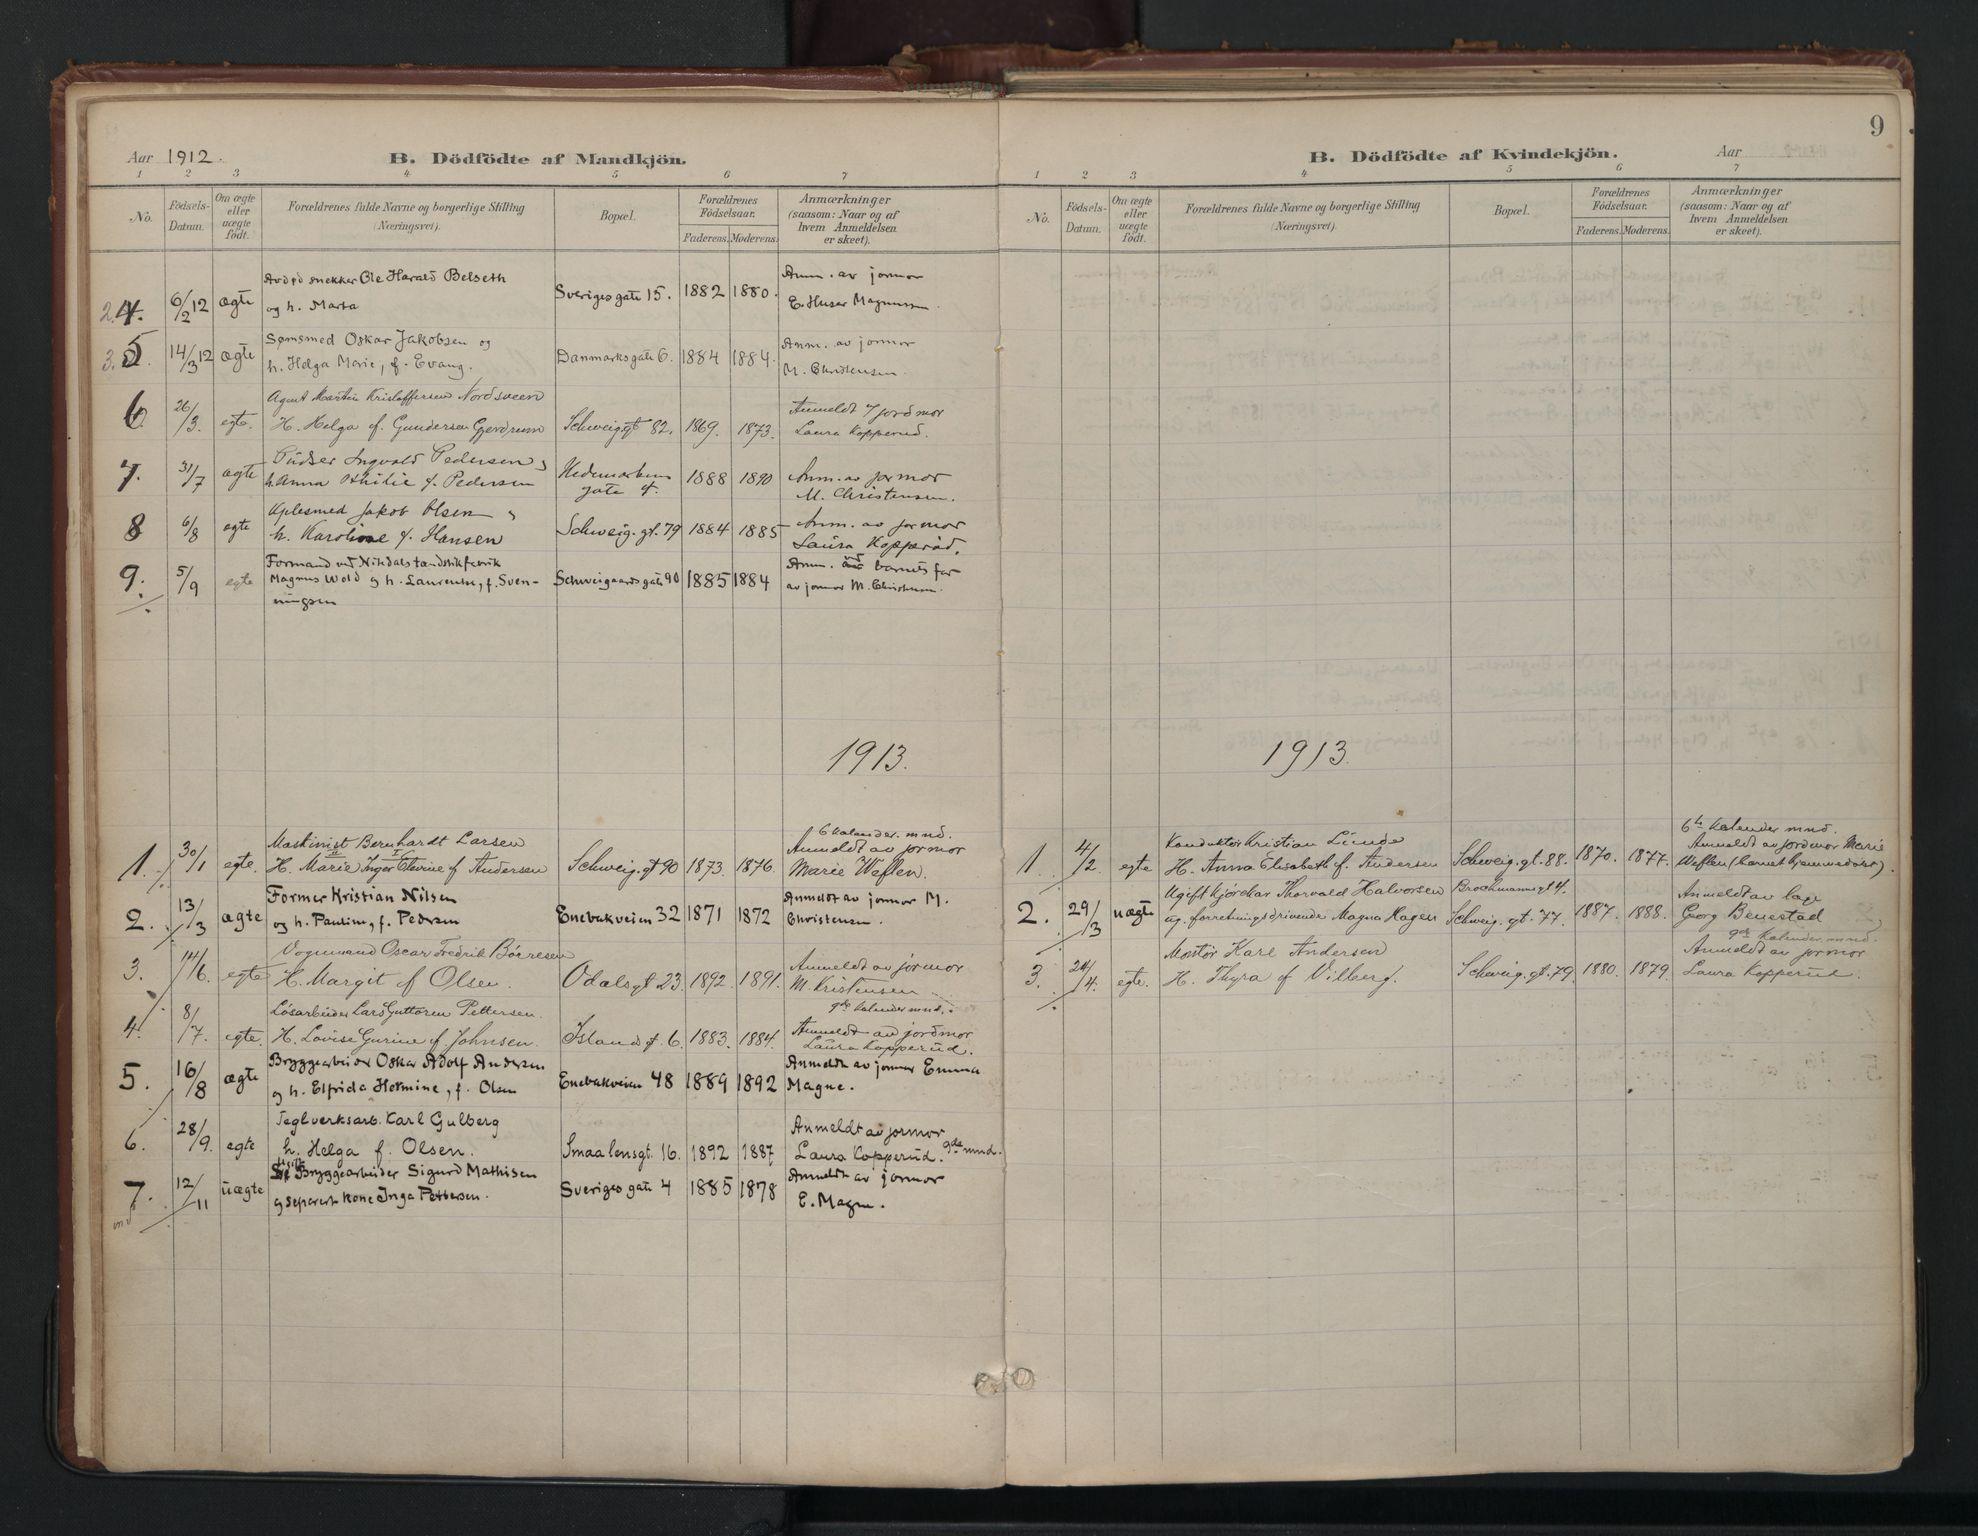 SAO, Vålerengen prestekontor Kirkebøker, F/Fa/L0003: Ministerialbok nr. 3, 1899-1930, s. 9